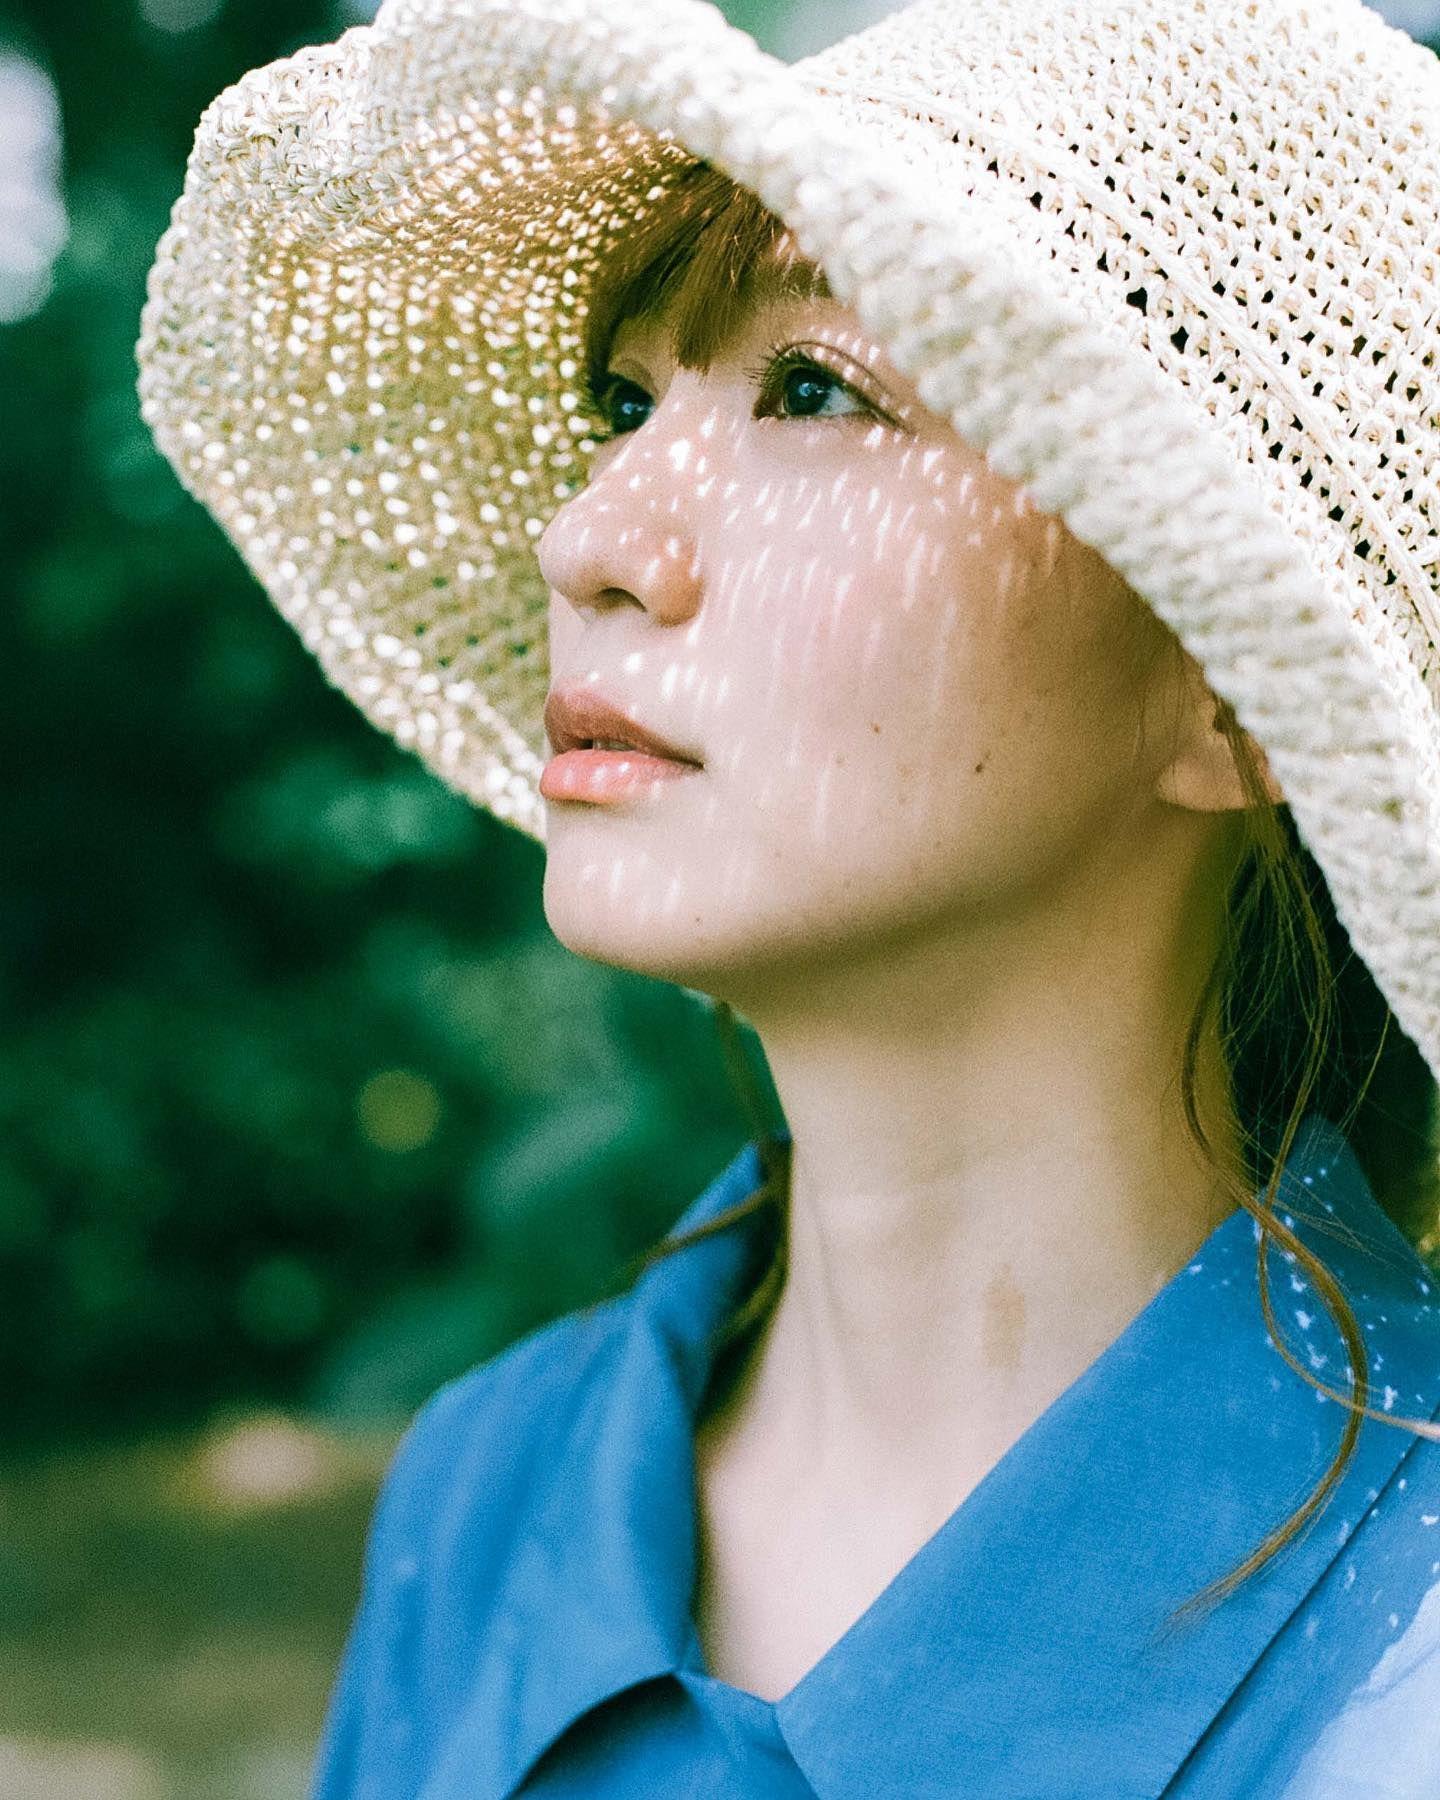 🍀👒👗  #写真好きな人と繋がりたい #カメラ好きな人と繋がりたい #ファインダー越しの私の世界 #一眼レフ女子 #ファインダーは私のキャンパス #単焦点レンズの世界 #ポートレイト #ロケ撮影 #portrait #girl #tokyo #作品撮り #モデル #ポートレート #film #eos1v #フィルムに恋してる #フィルム寫眞 #フィルム写真普及委員会 #フィルムカメラ女子 #フィルムに魅せられて #日々フィルム #麦わら帽子コーデ #lebeccaboutique #麦わら帽子 #フィルムカメラ #フィルムカメラ東京